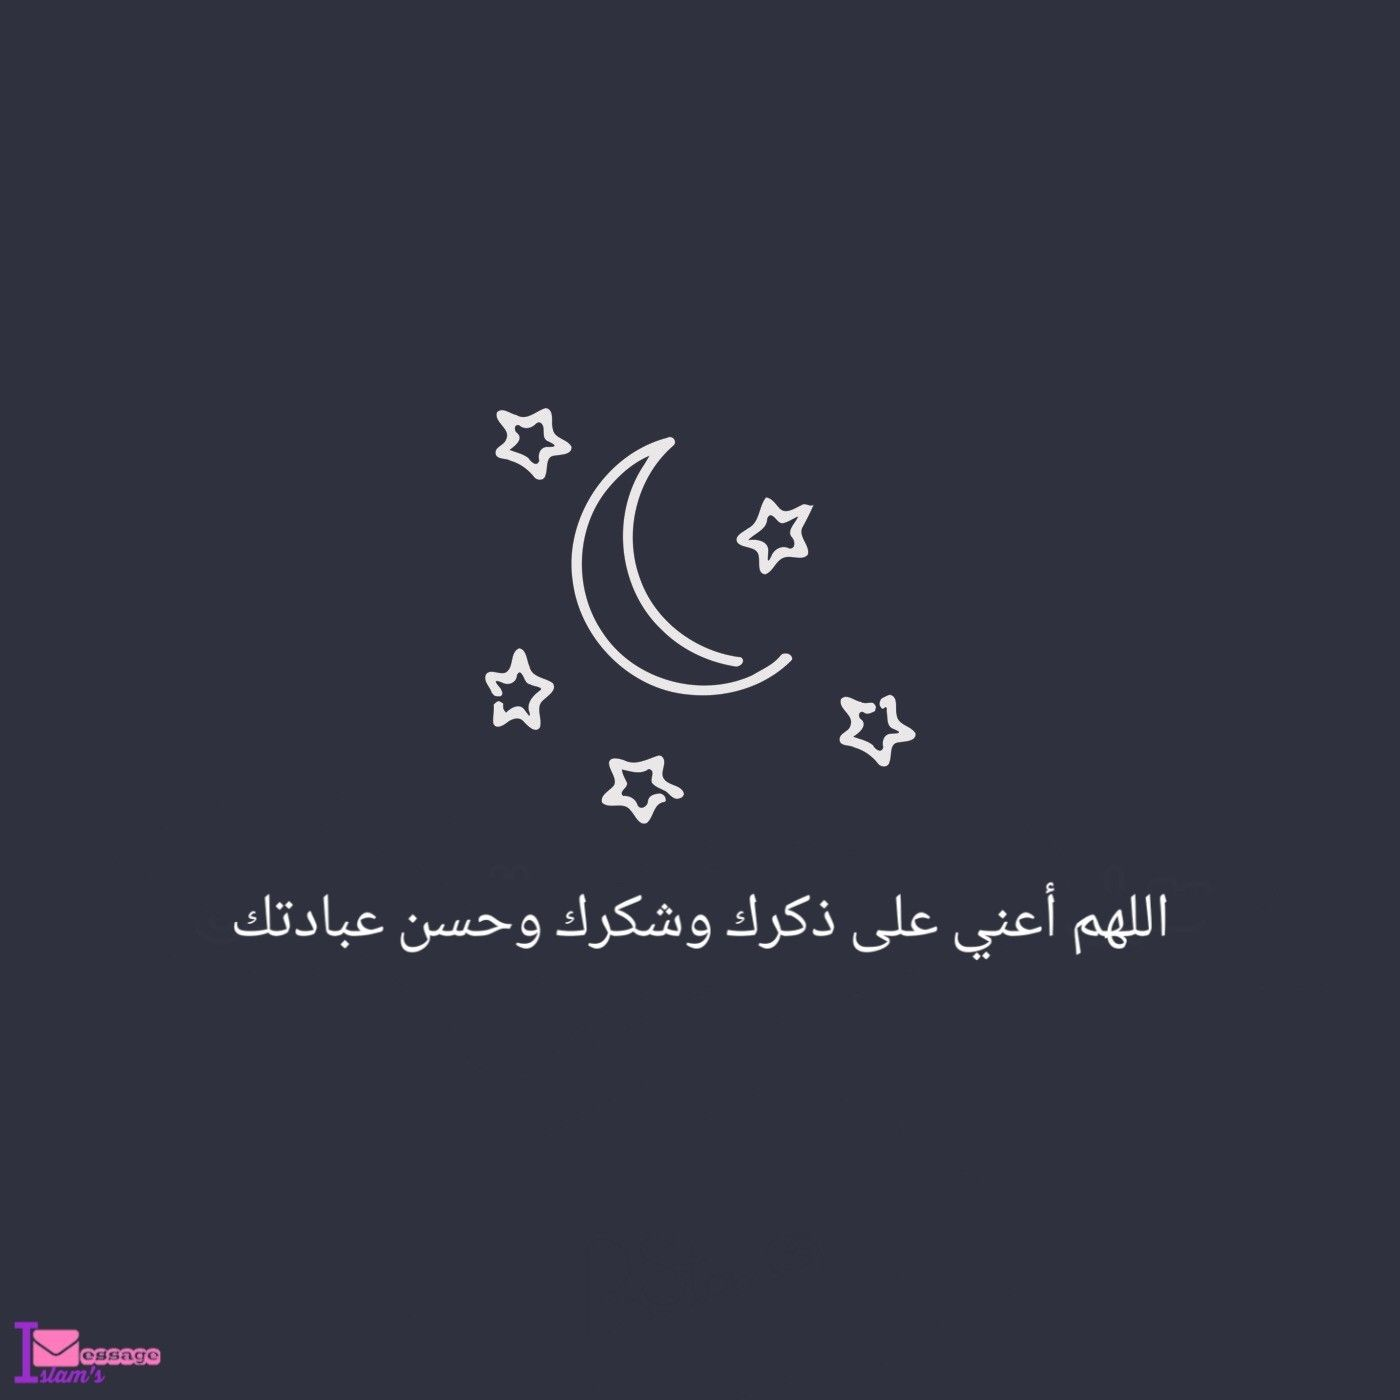 اللهم أعني على ذكرك وشكرك وحسن عبادتك Ramadan Messages Faith